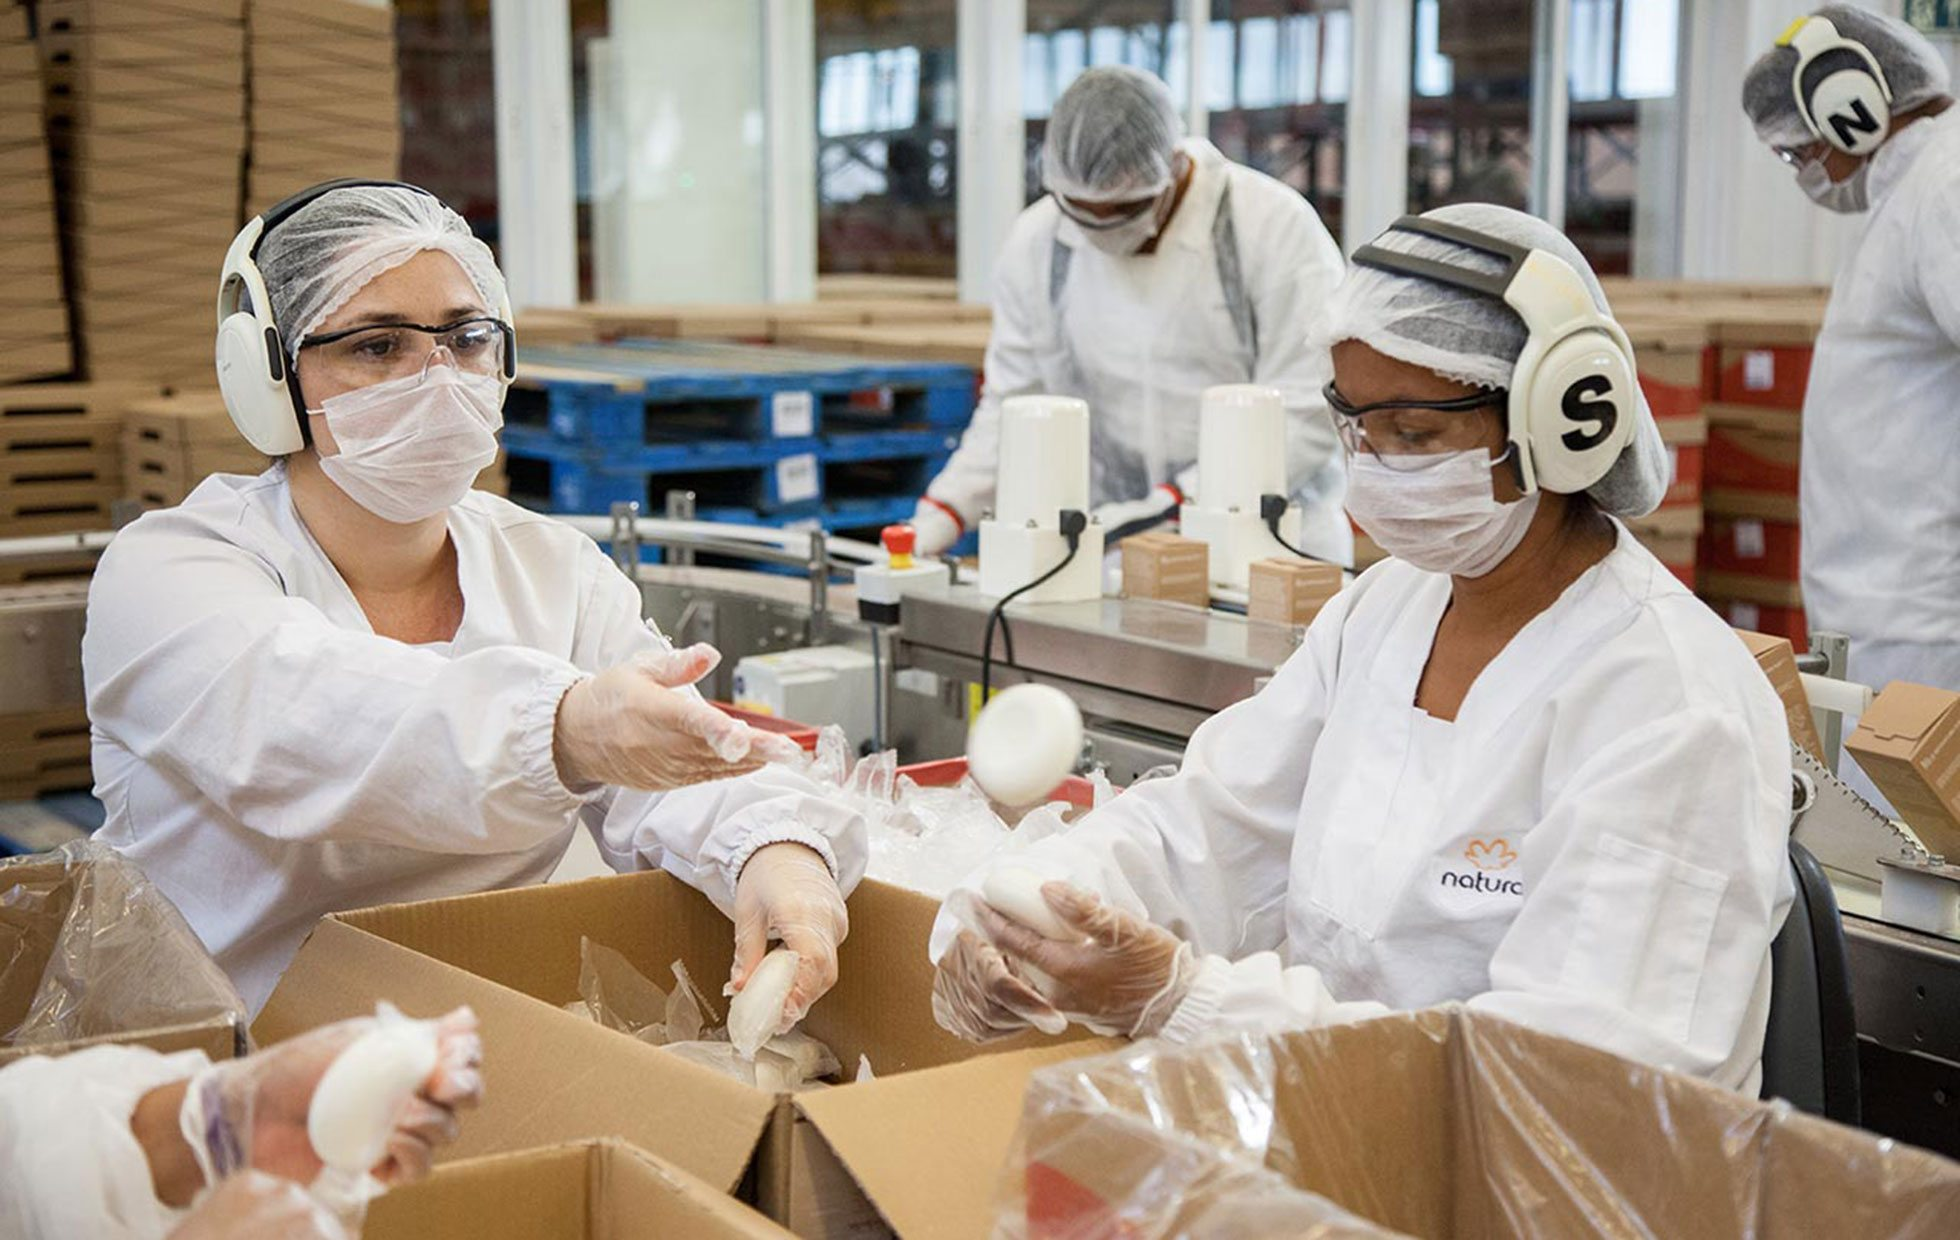 Cuidado laboral en la pandemia